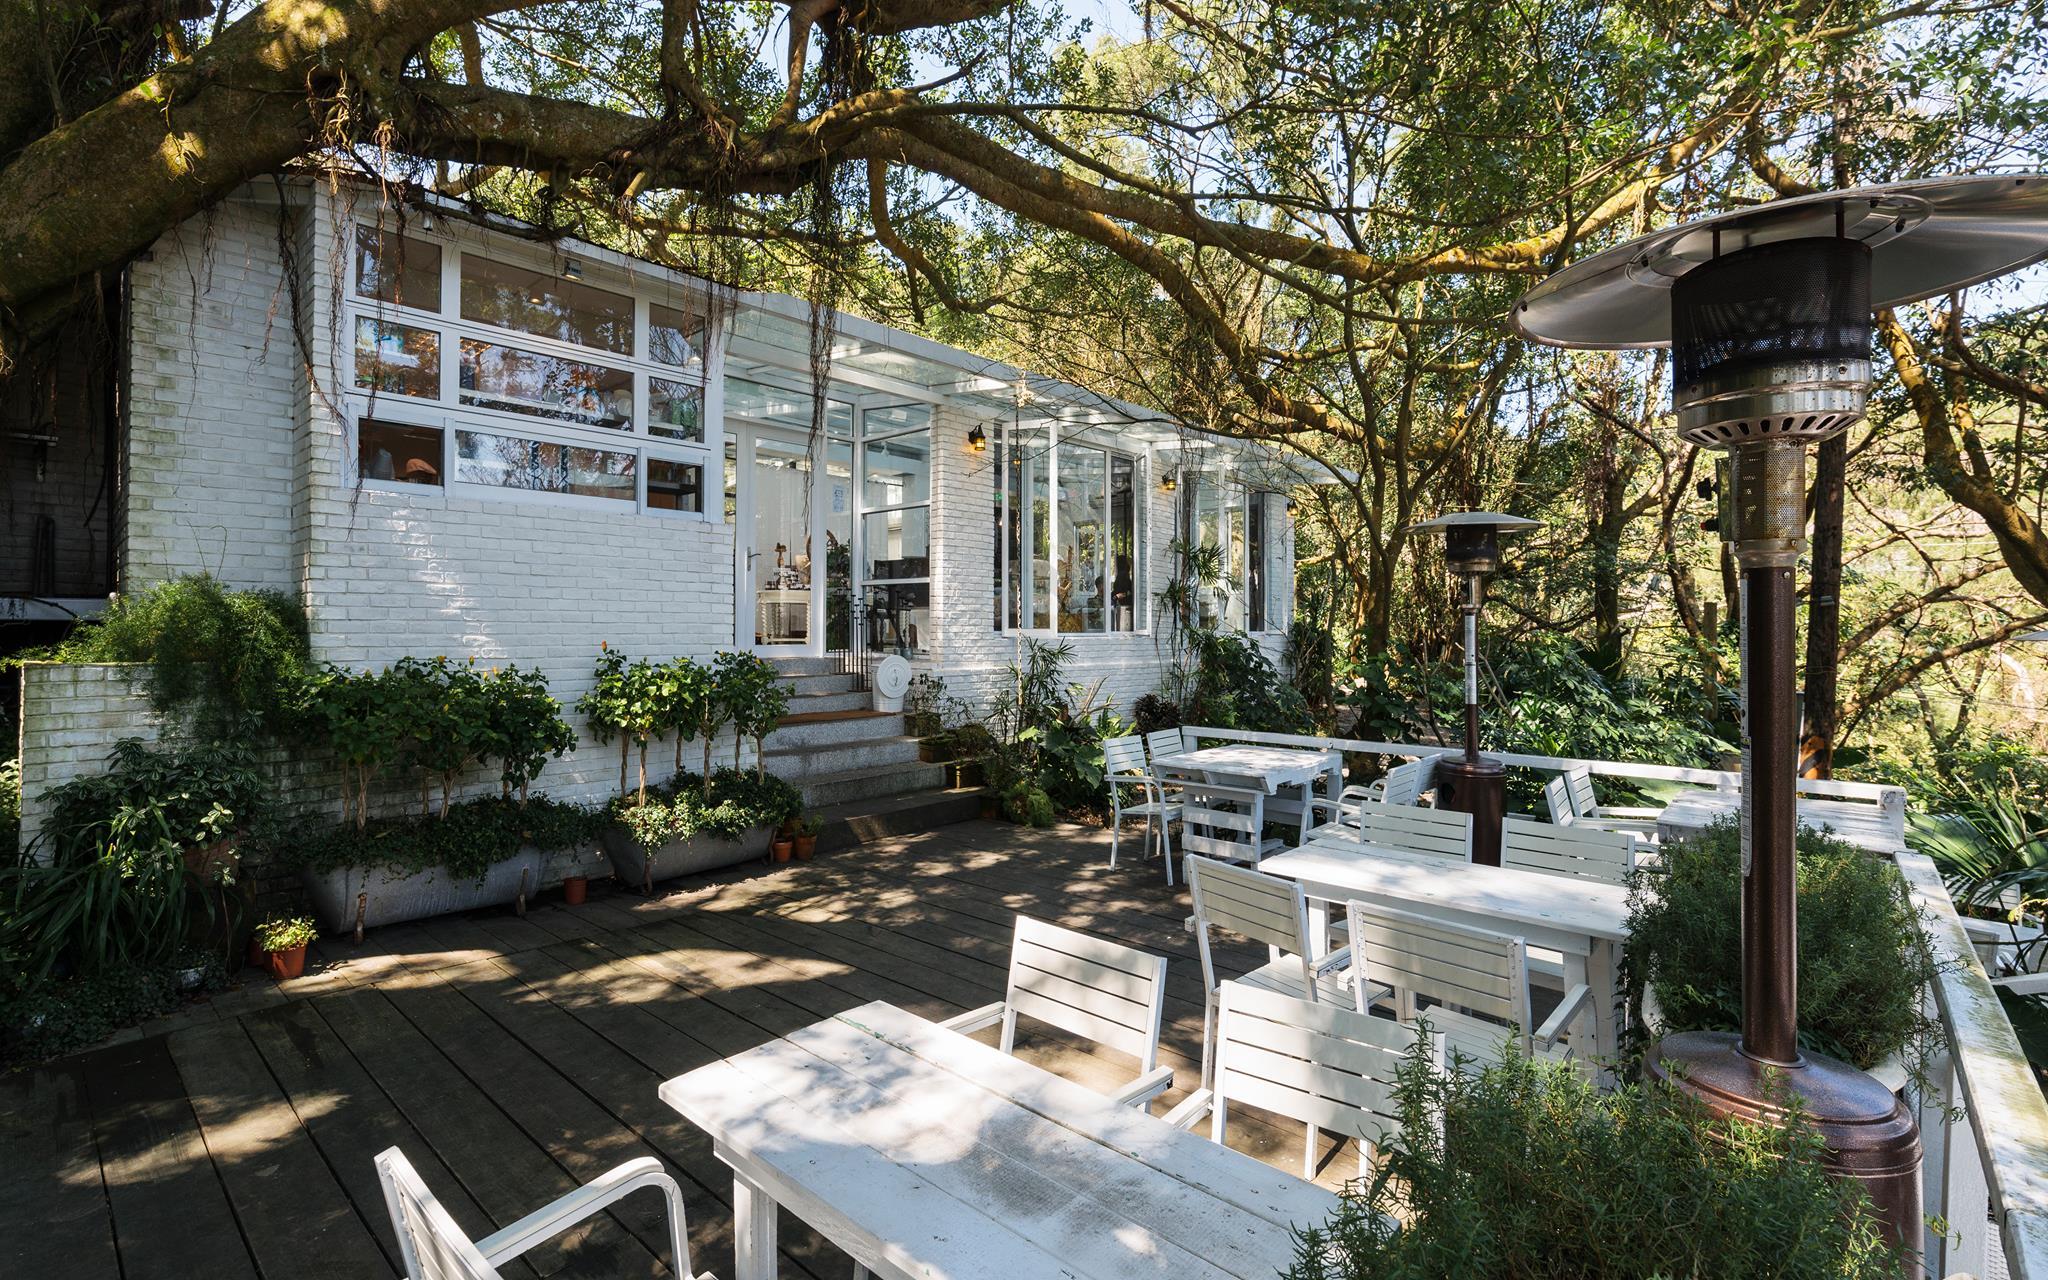 好樣秘境是一間特色景觀餐廳,白色玻璃屋夢幻又唯美。圖/好樣秘境臉書粉絲專頁